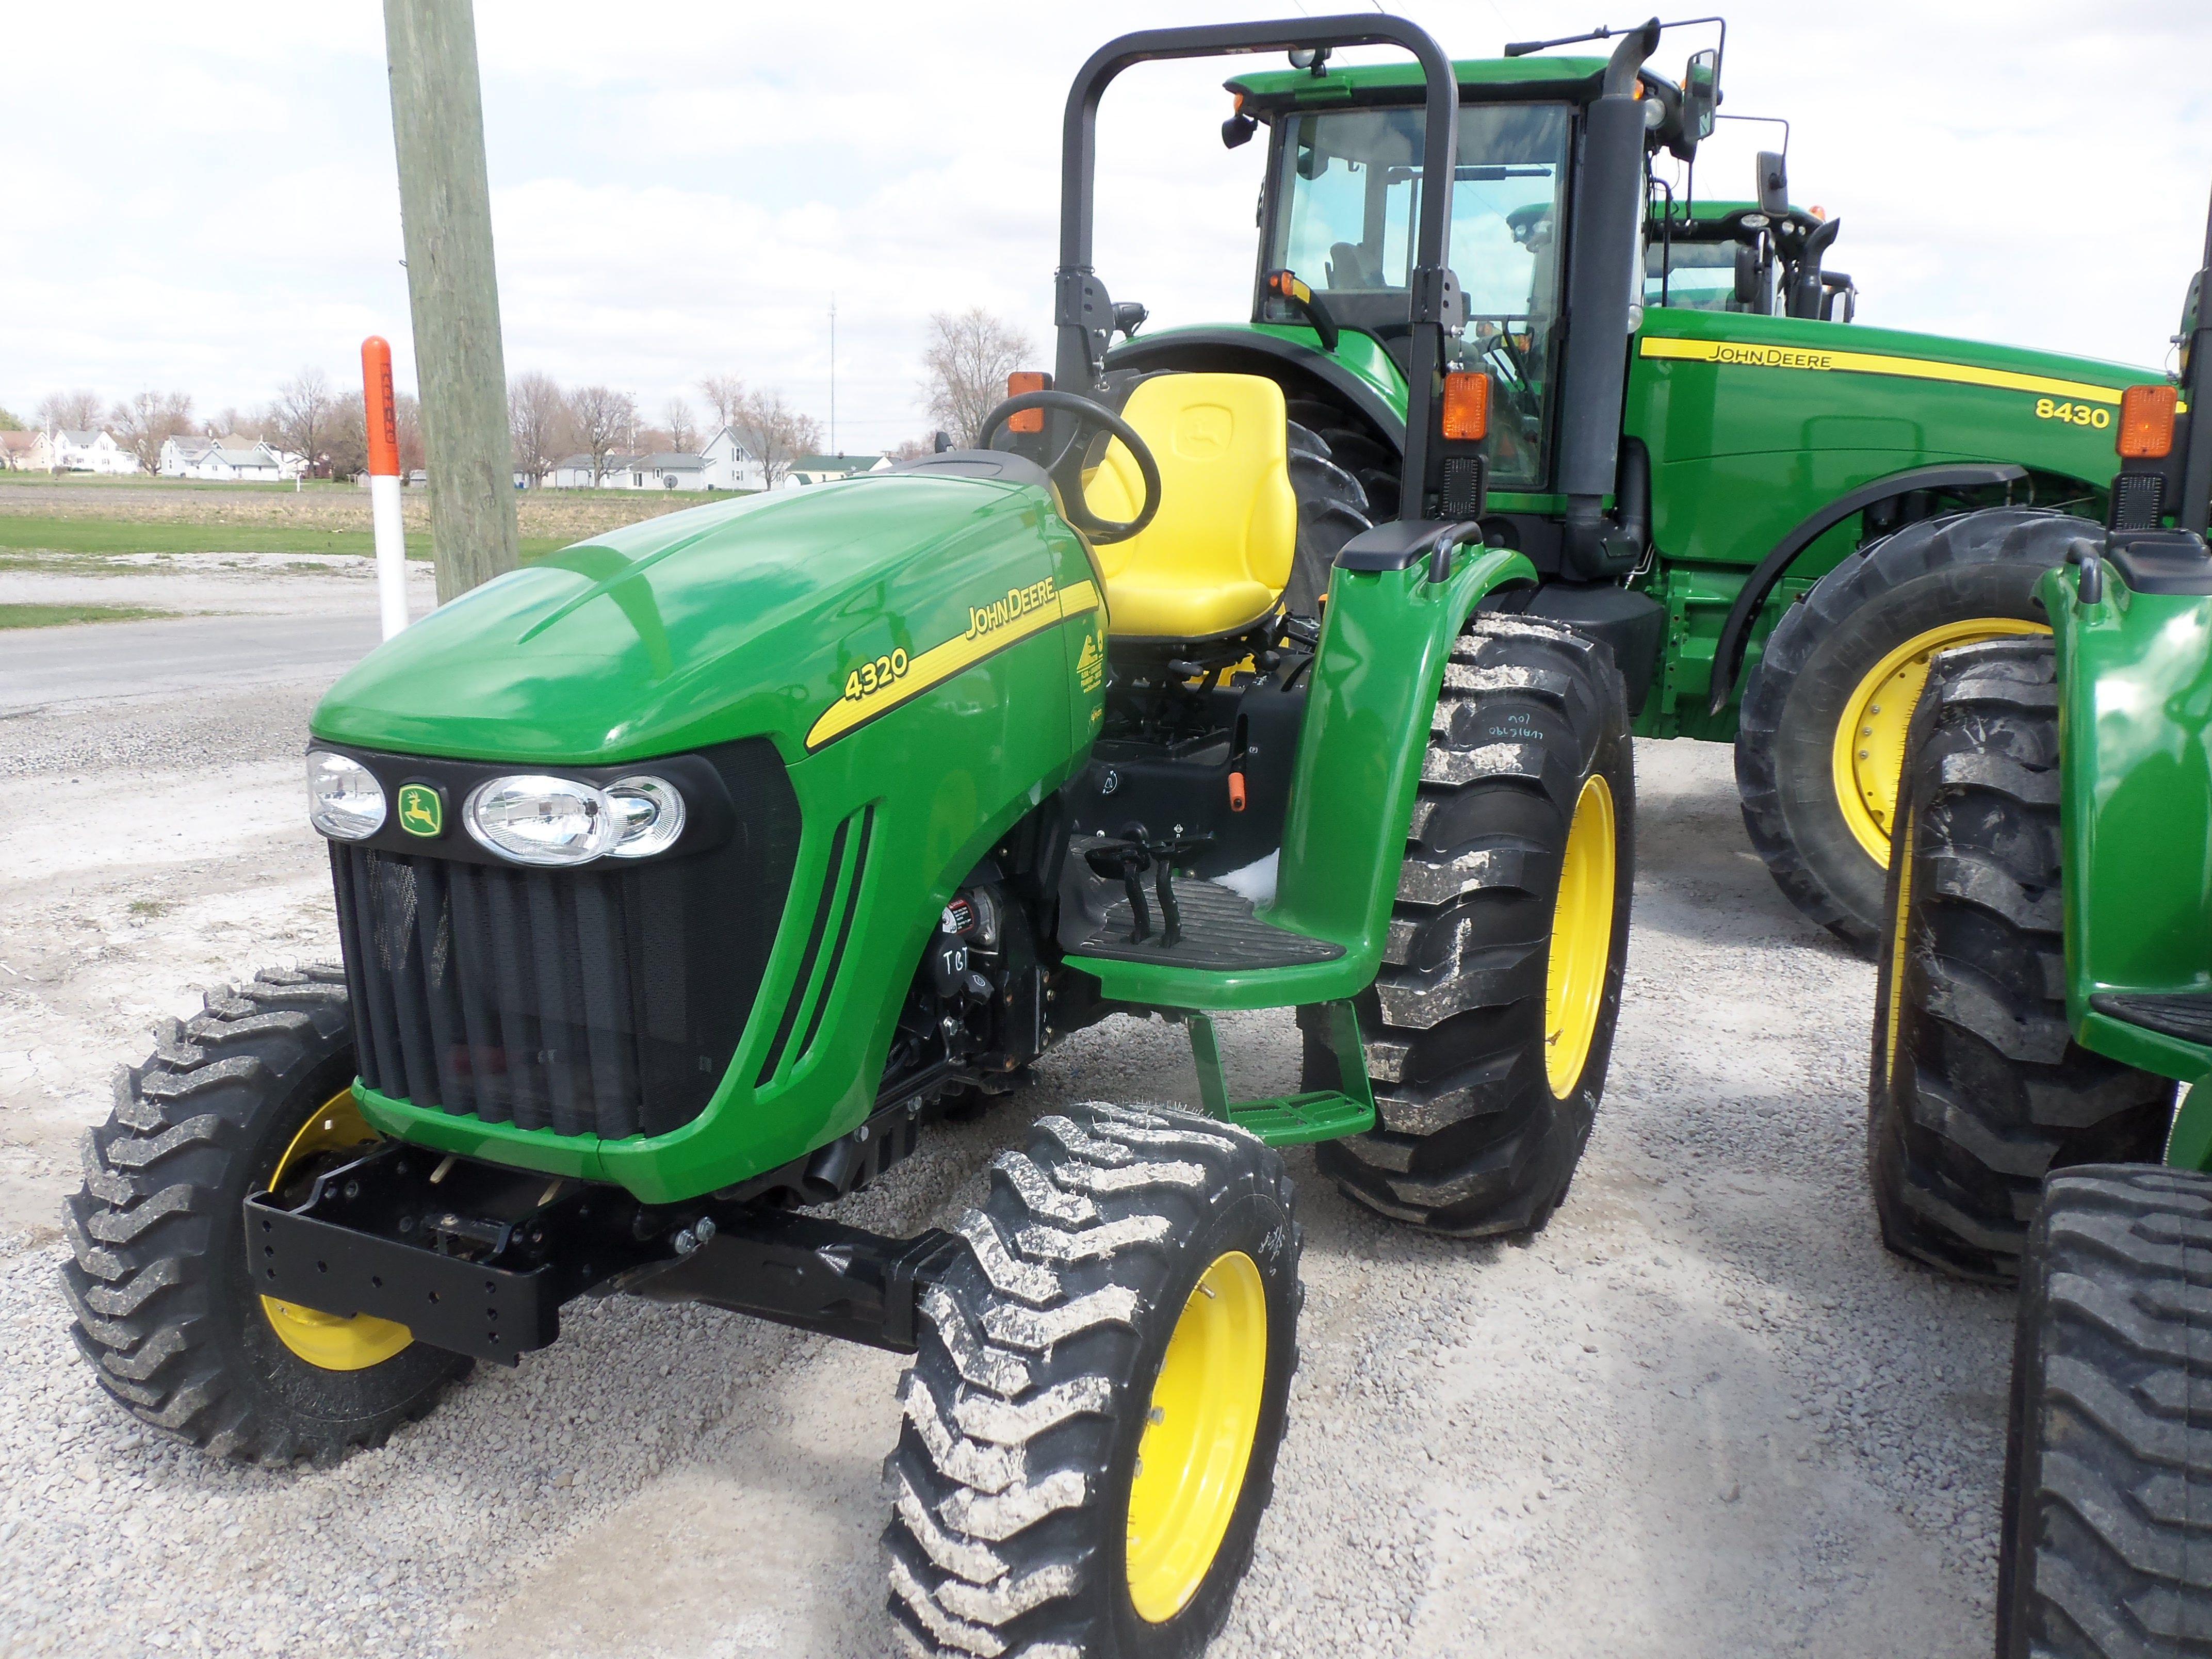 john deere 4320 compact diesel tractor [ 4288 x 3216 Pixel ]